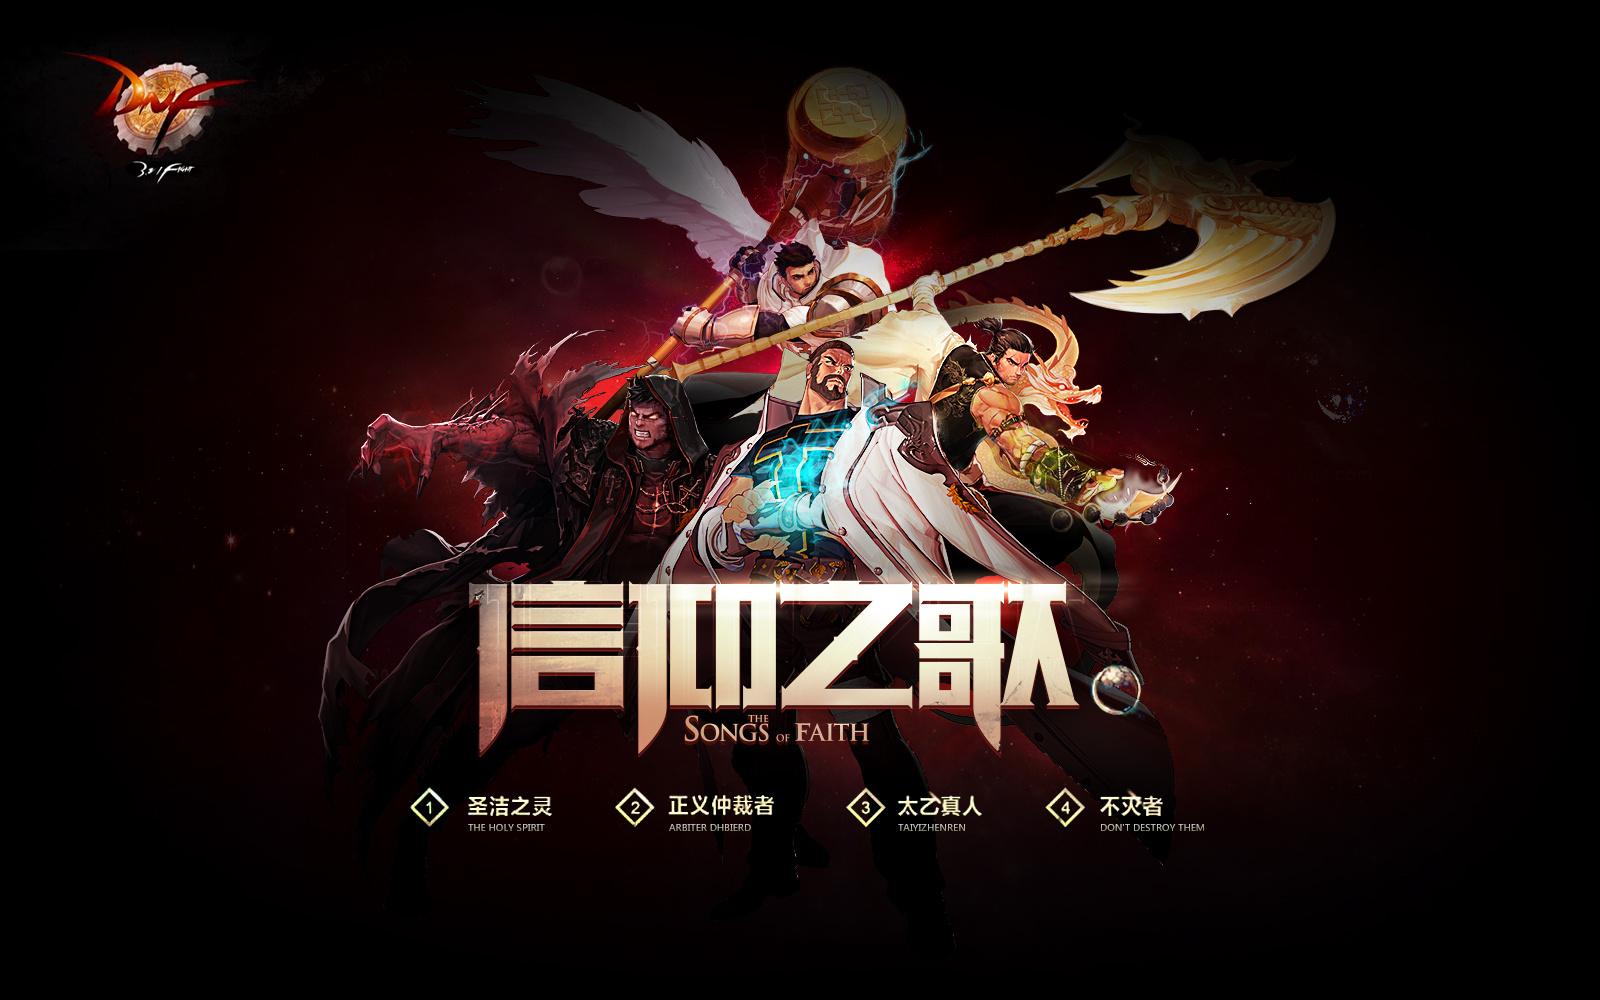 dnf游戏海报|网页|游戏/娱乐|电商设计灵感 - 原创图片